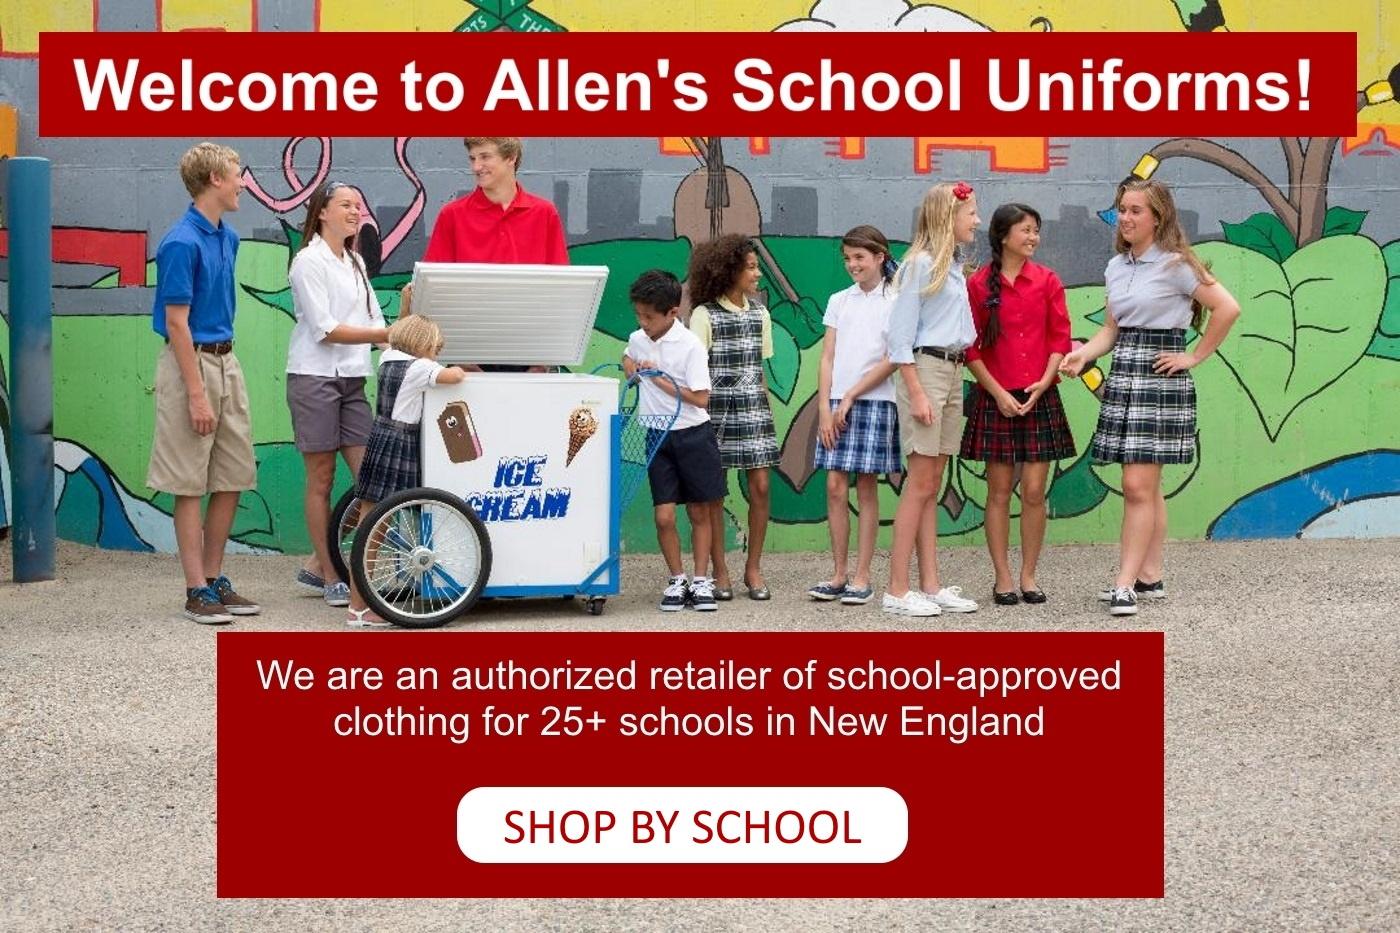 Allen's School Uniforms